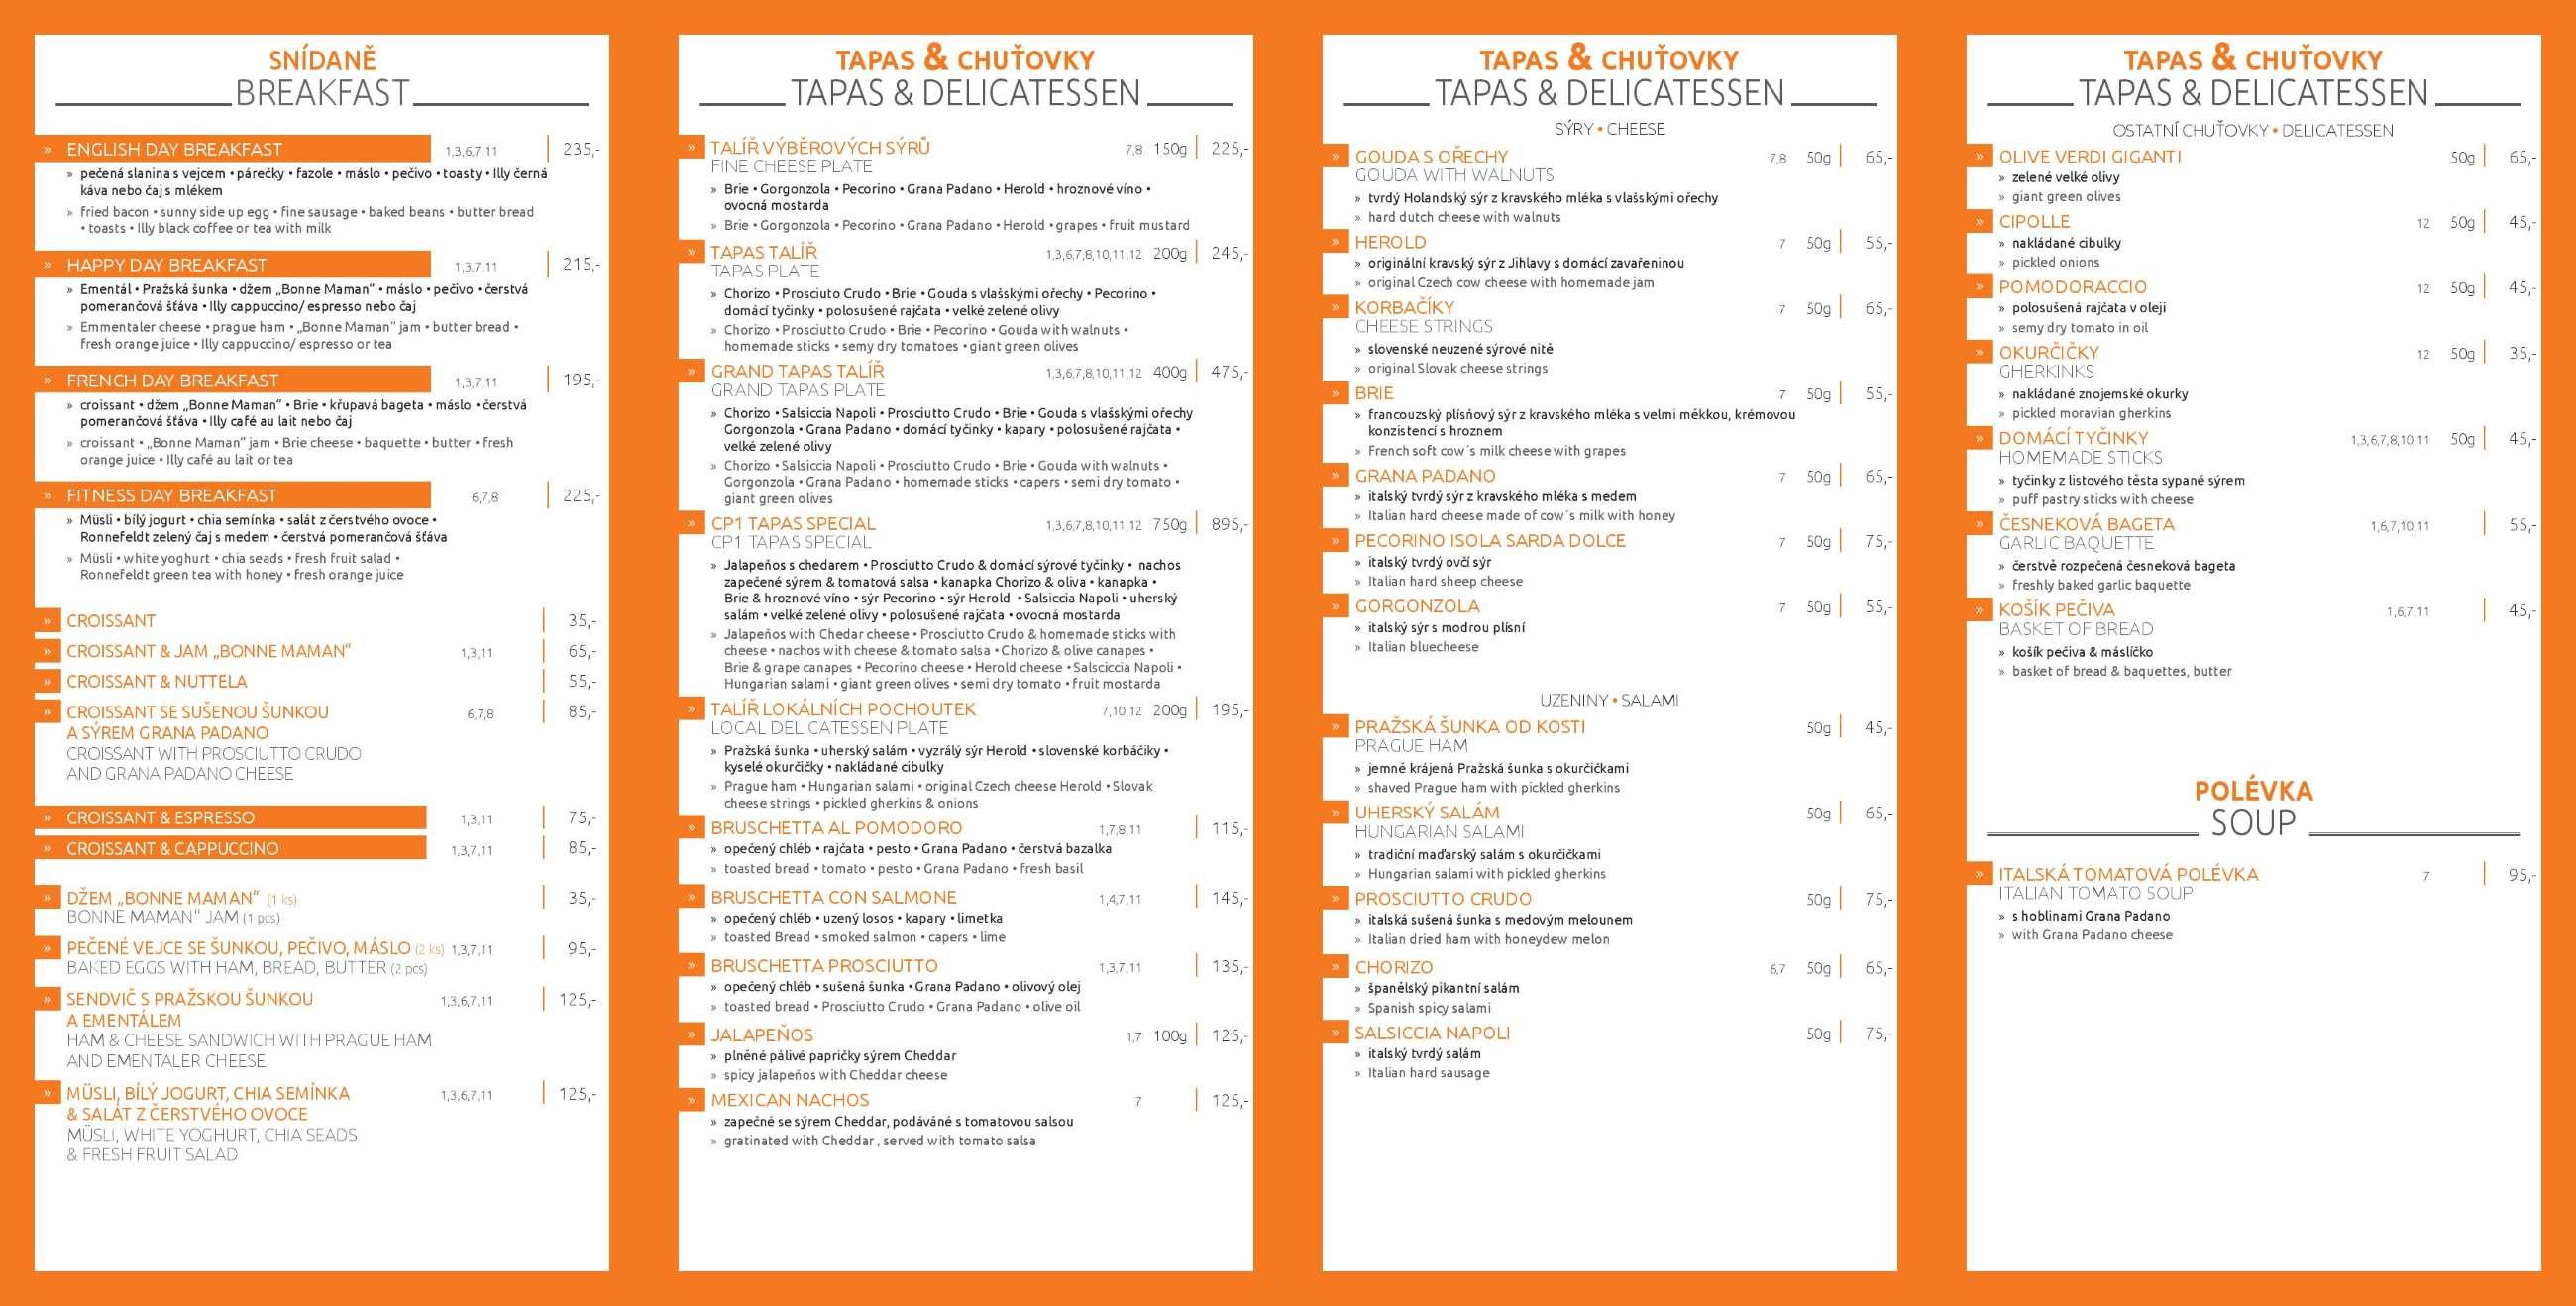 menu2-jidelni-listek-praha1-restaurace-cp1cafe-2018-1